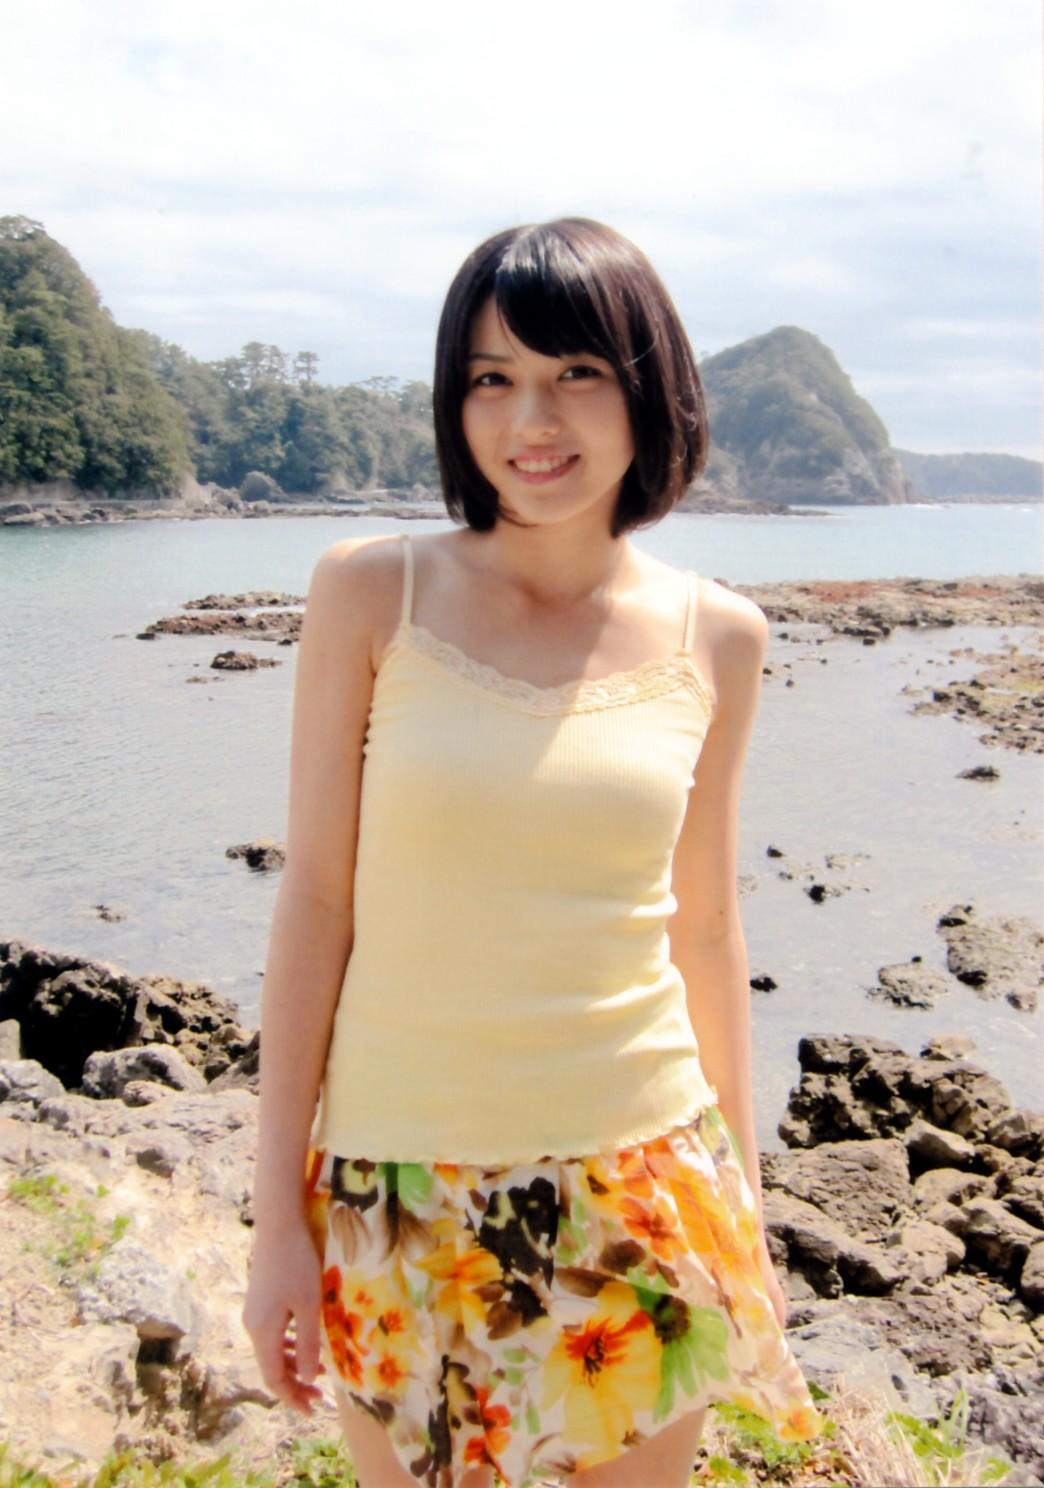 海辺 花柄ミニスカート&パステルイエローのキャミ  矢島舞美